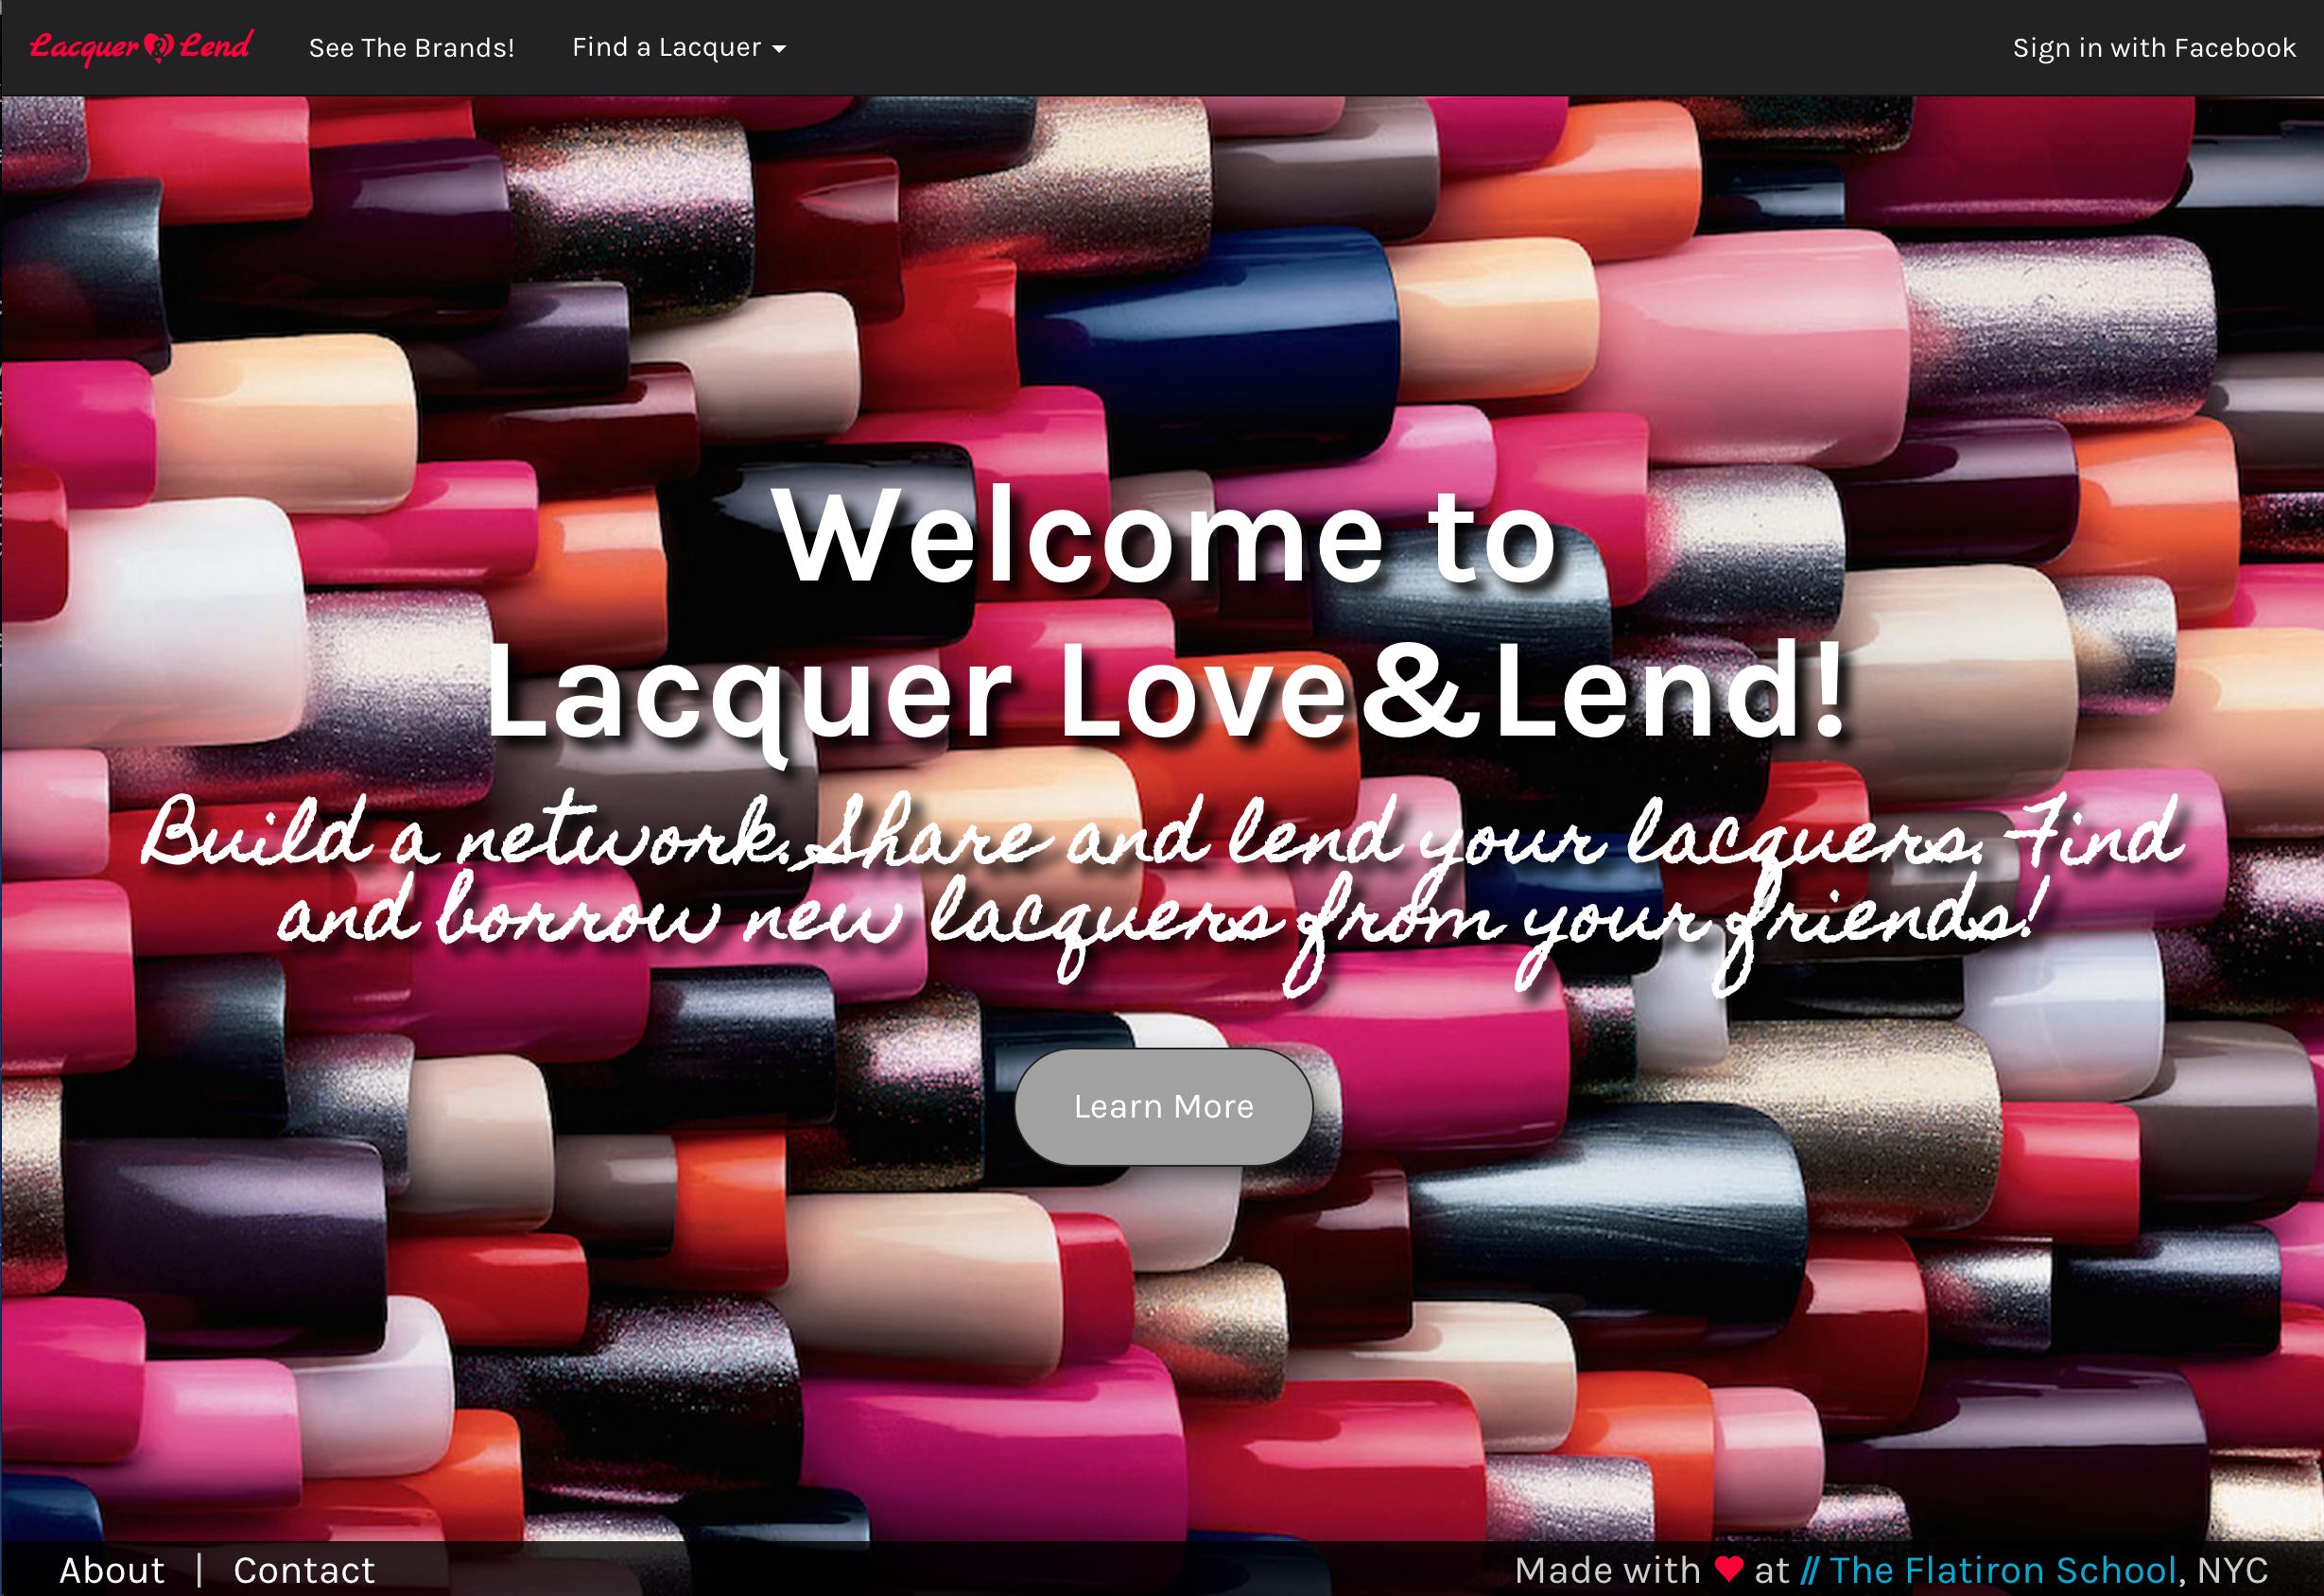 Lacquer Love&Lend